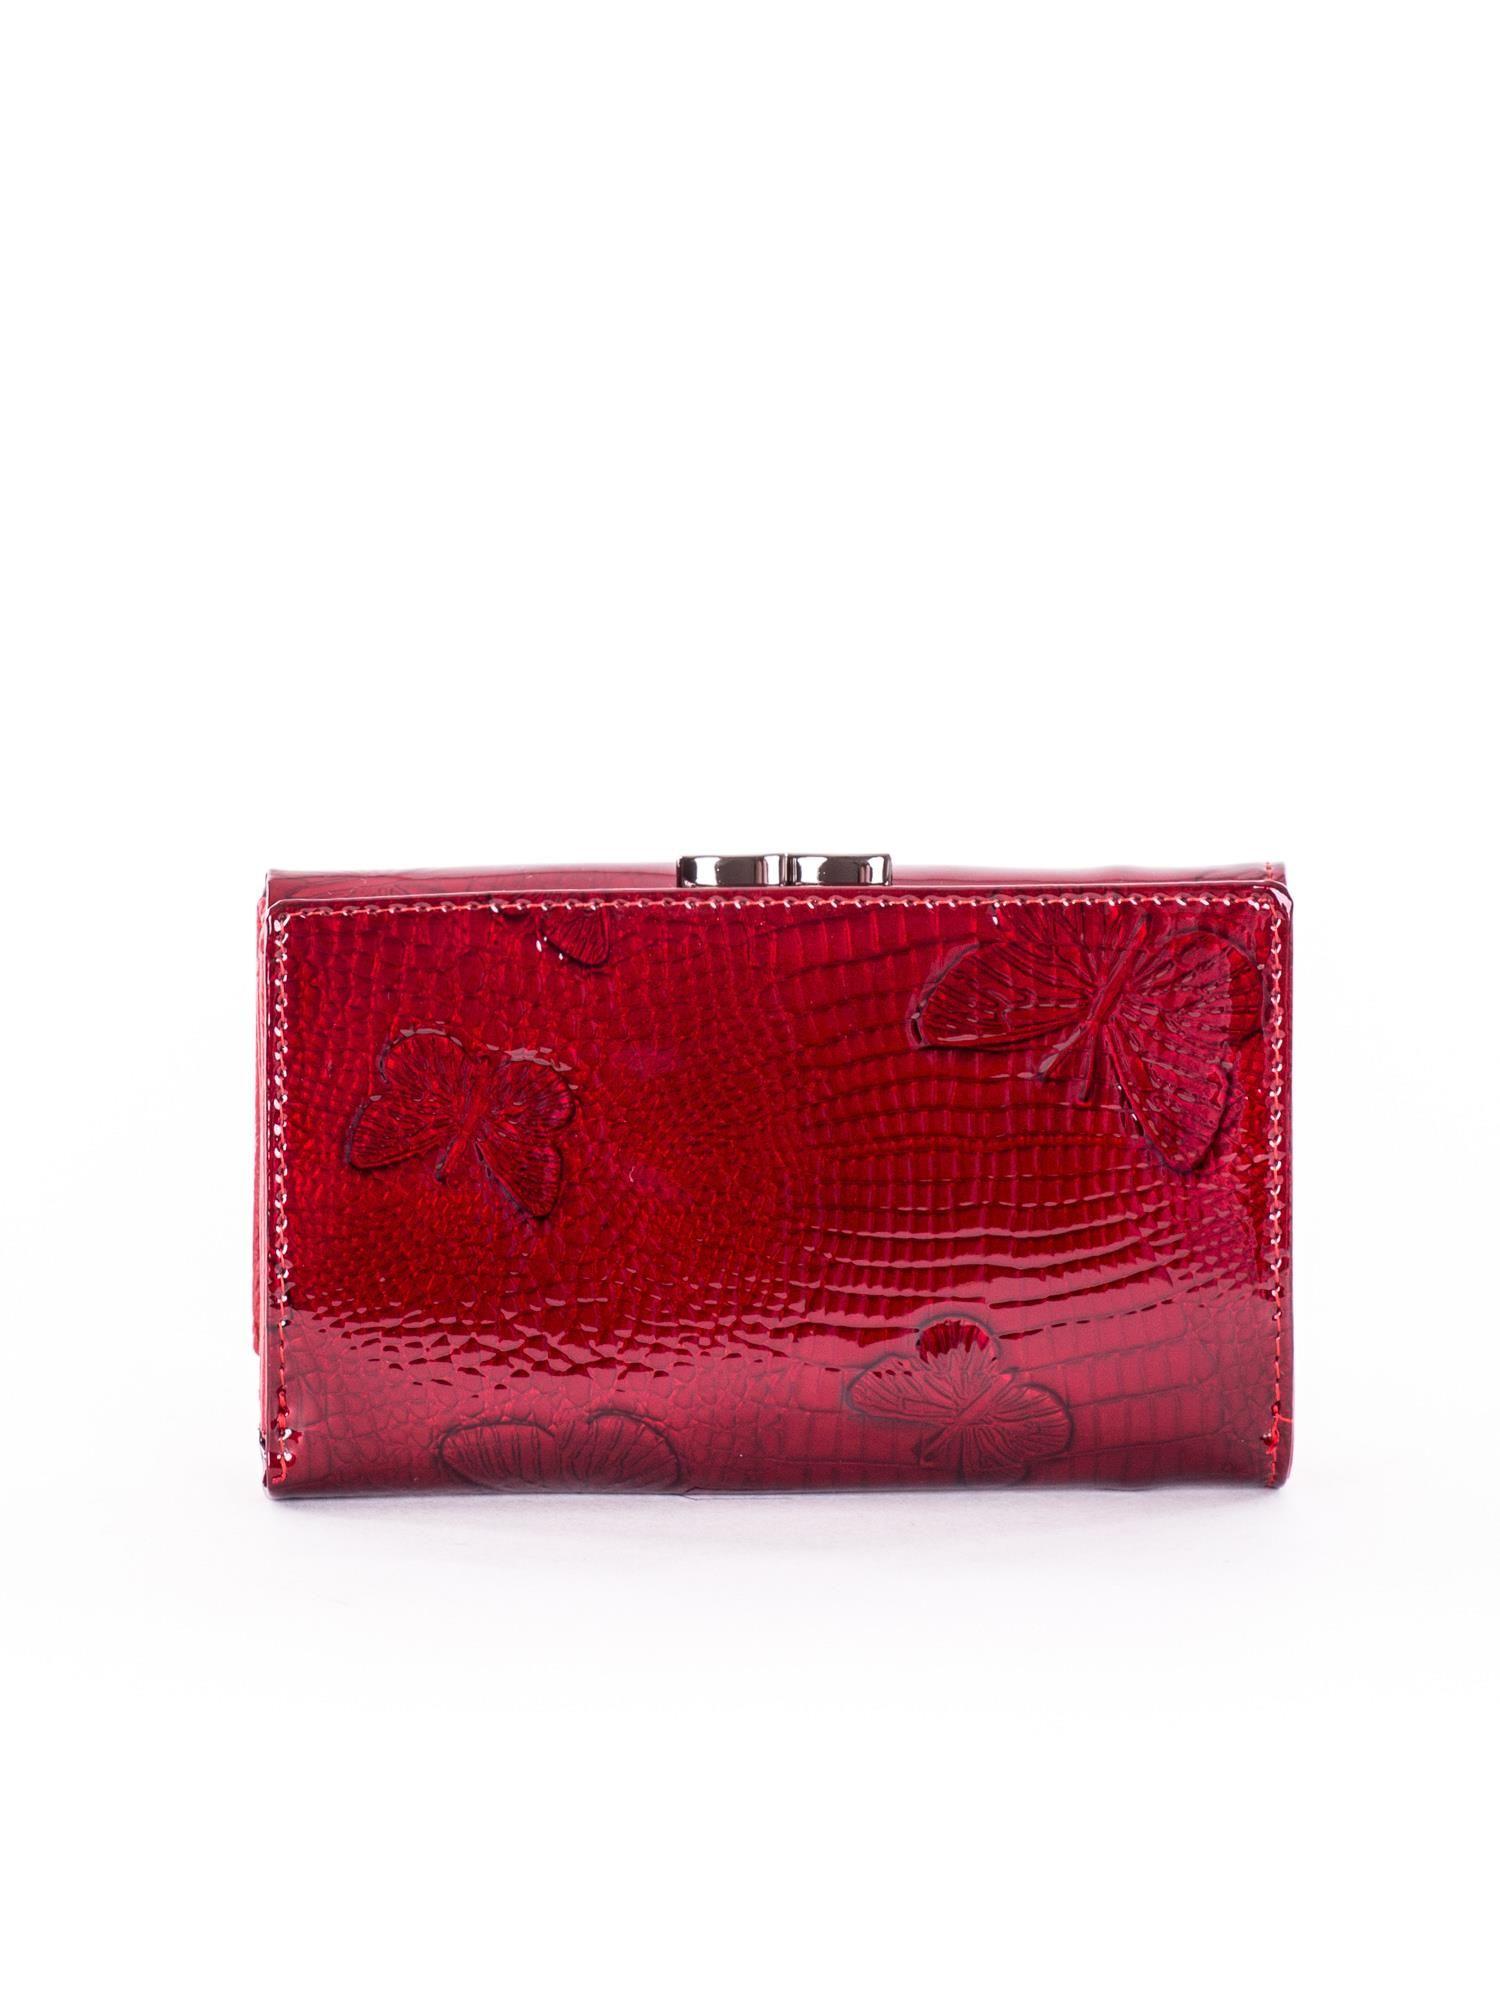 3141cfc5d317b Portfel damski czerwony z motylami - Akcesoria portfele - sklep ...